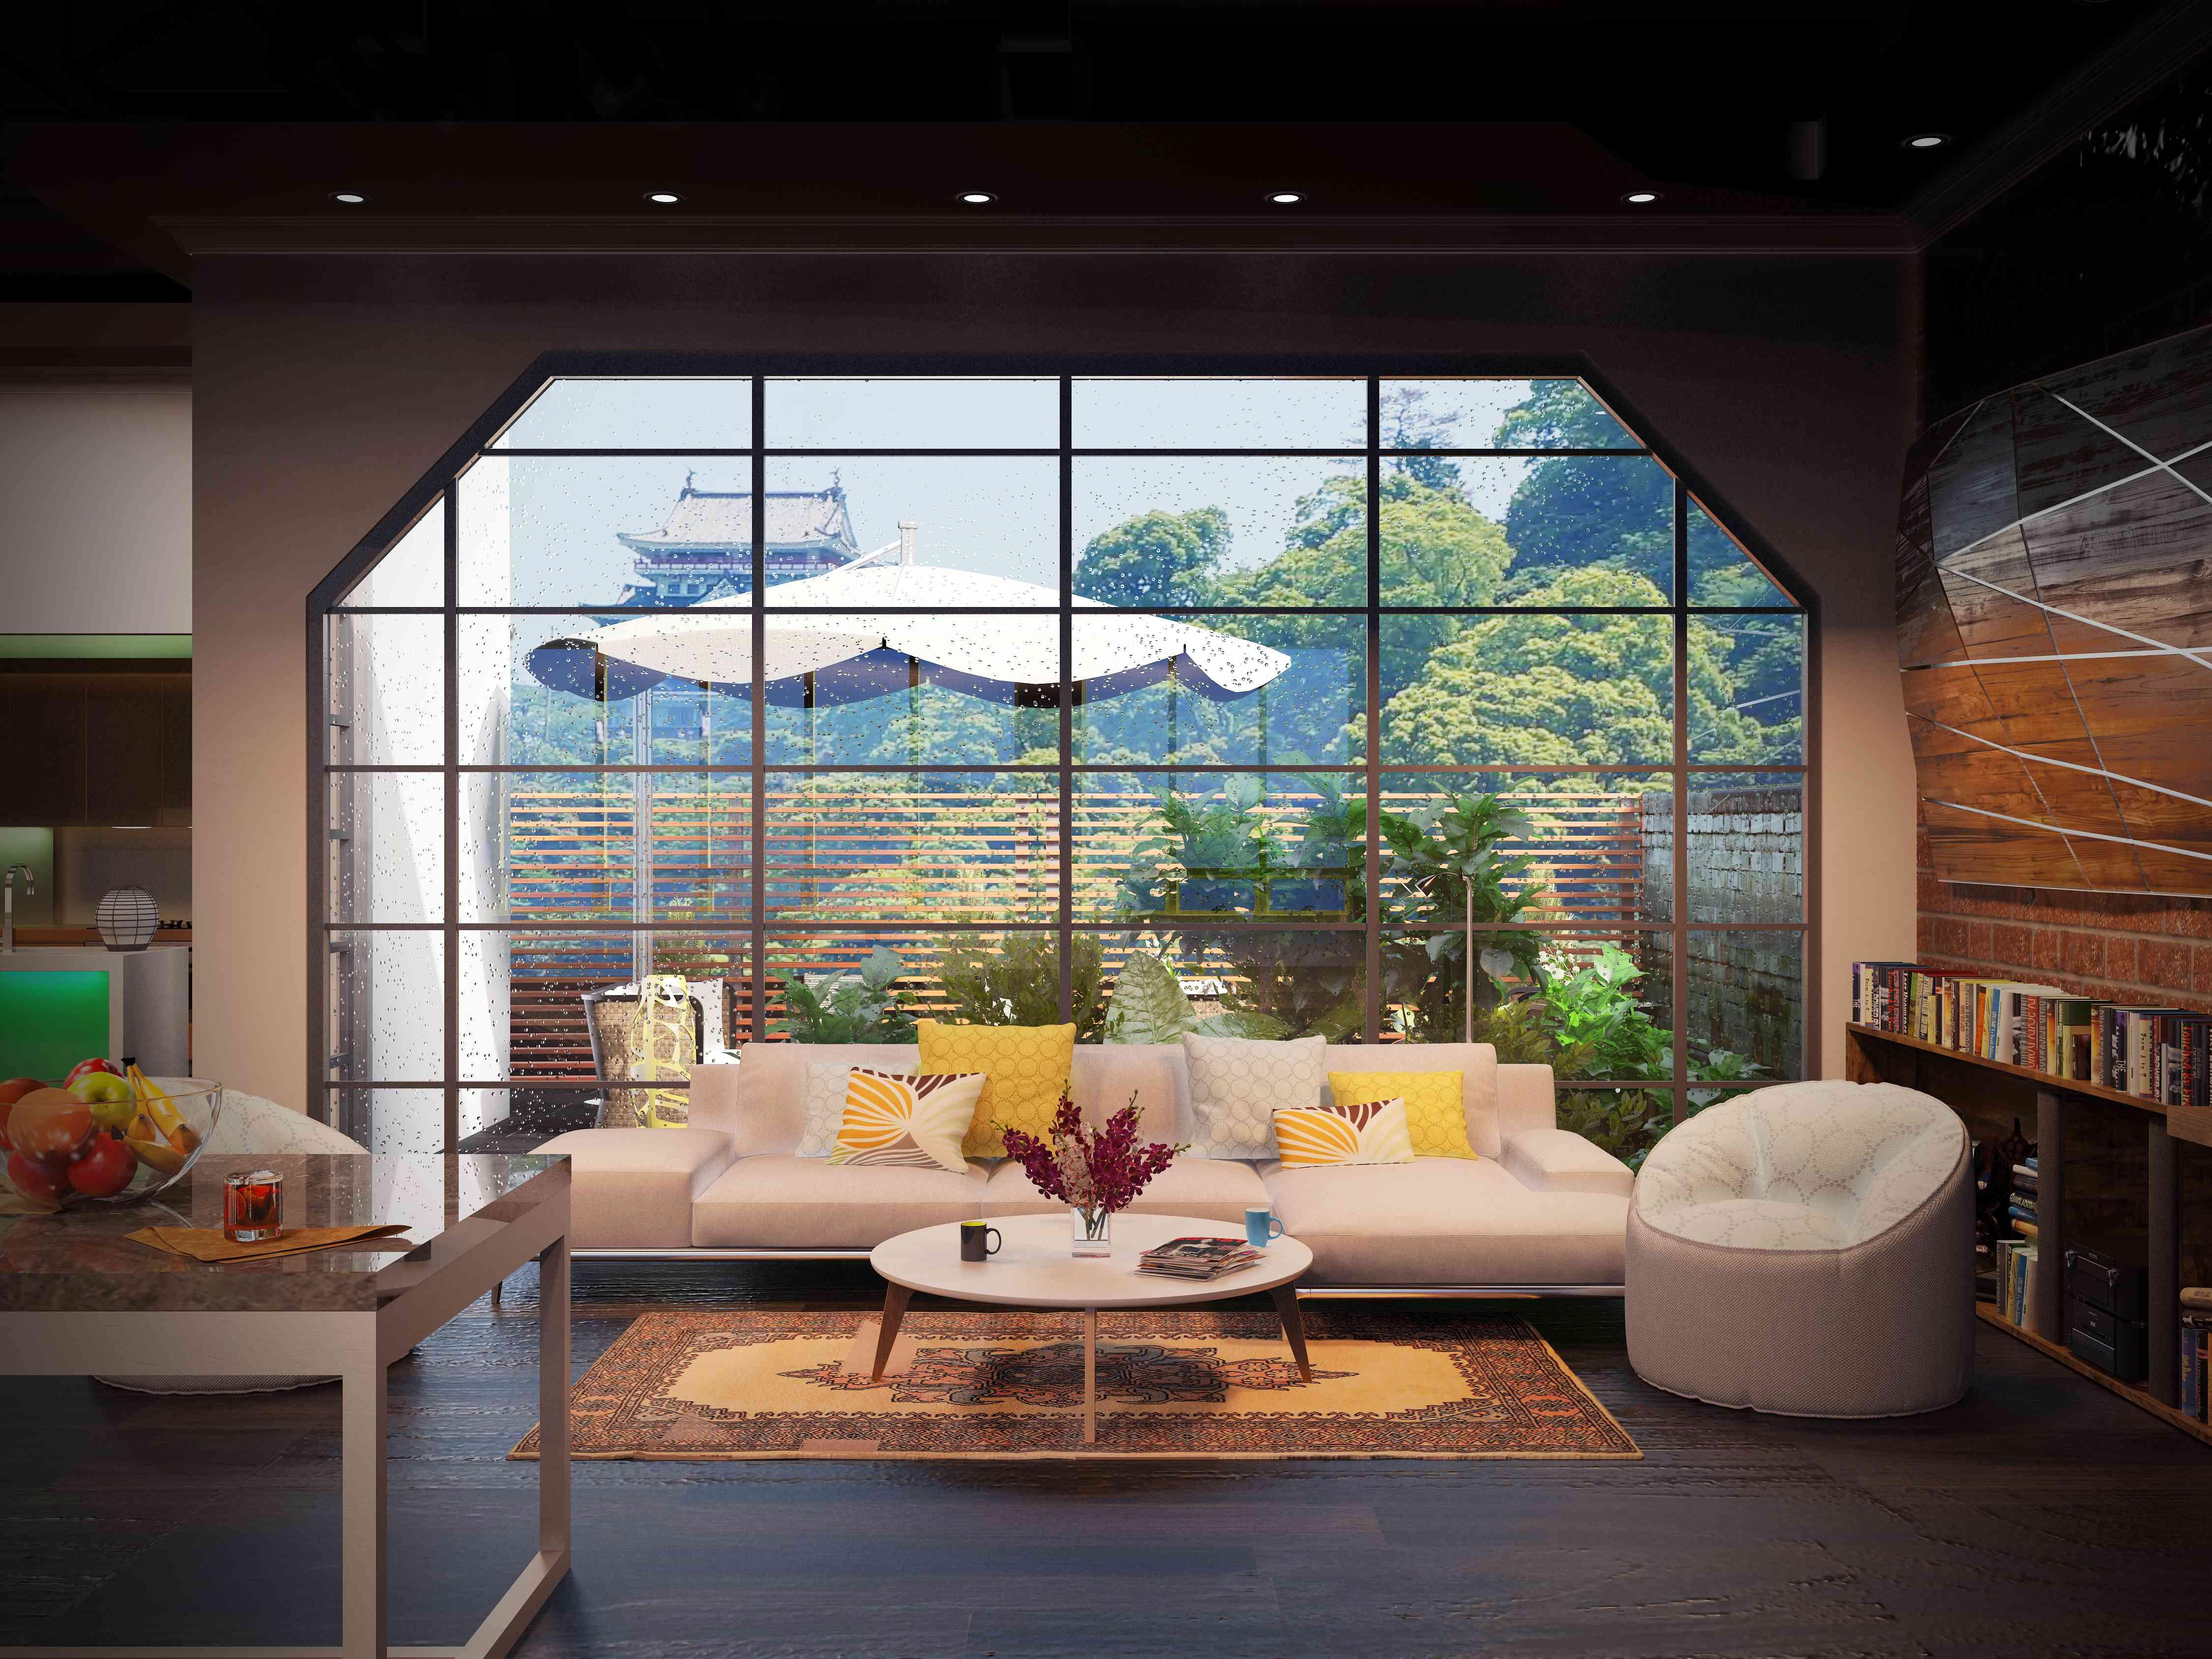 室内毕业作品-越古典融现代茶馆-室内设计-空间-设计